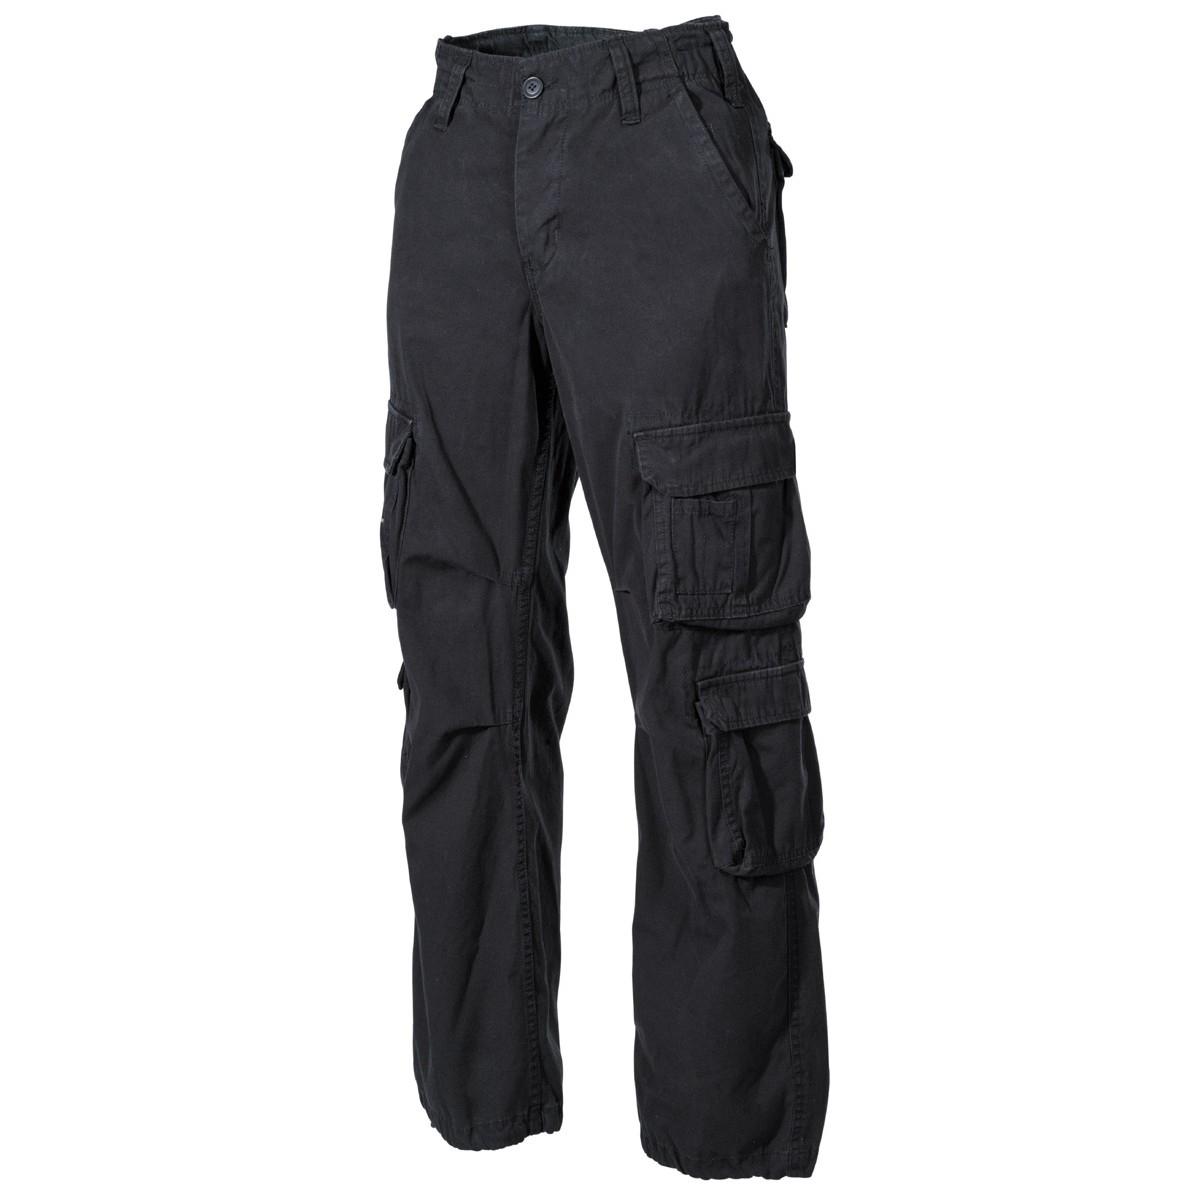 Kalhoty Cargo Defense - černé